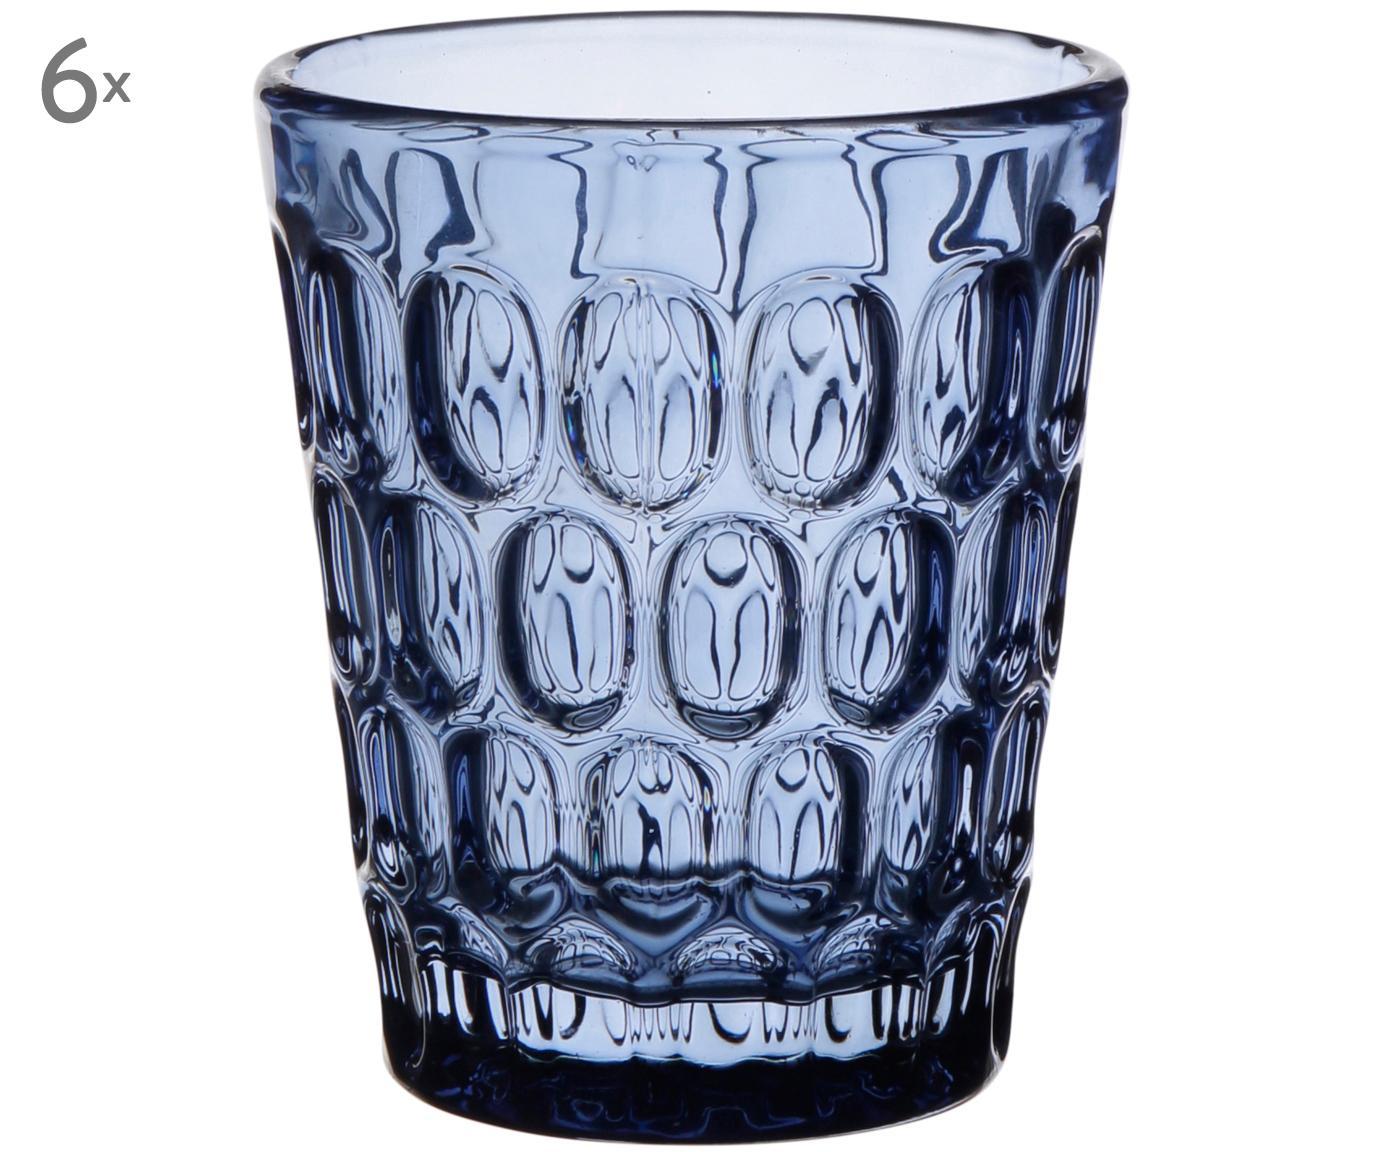 Bicchiere acqua con rilievo Optic 6 pz, Vetro, blu trasparente, 250 ml